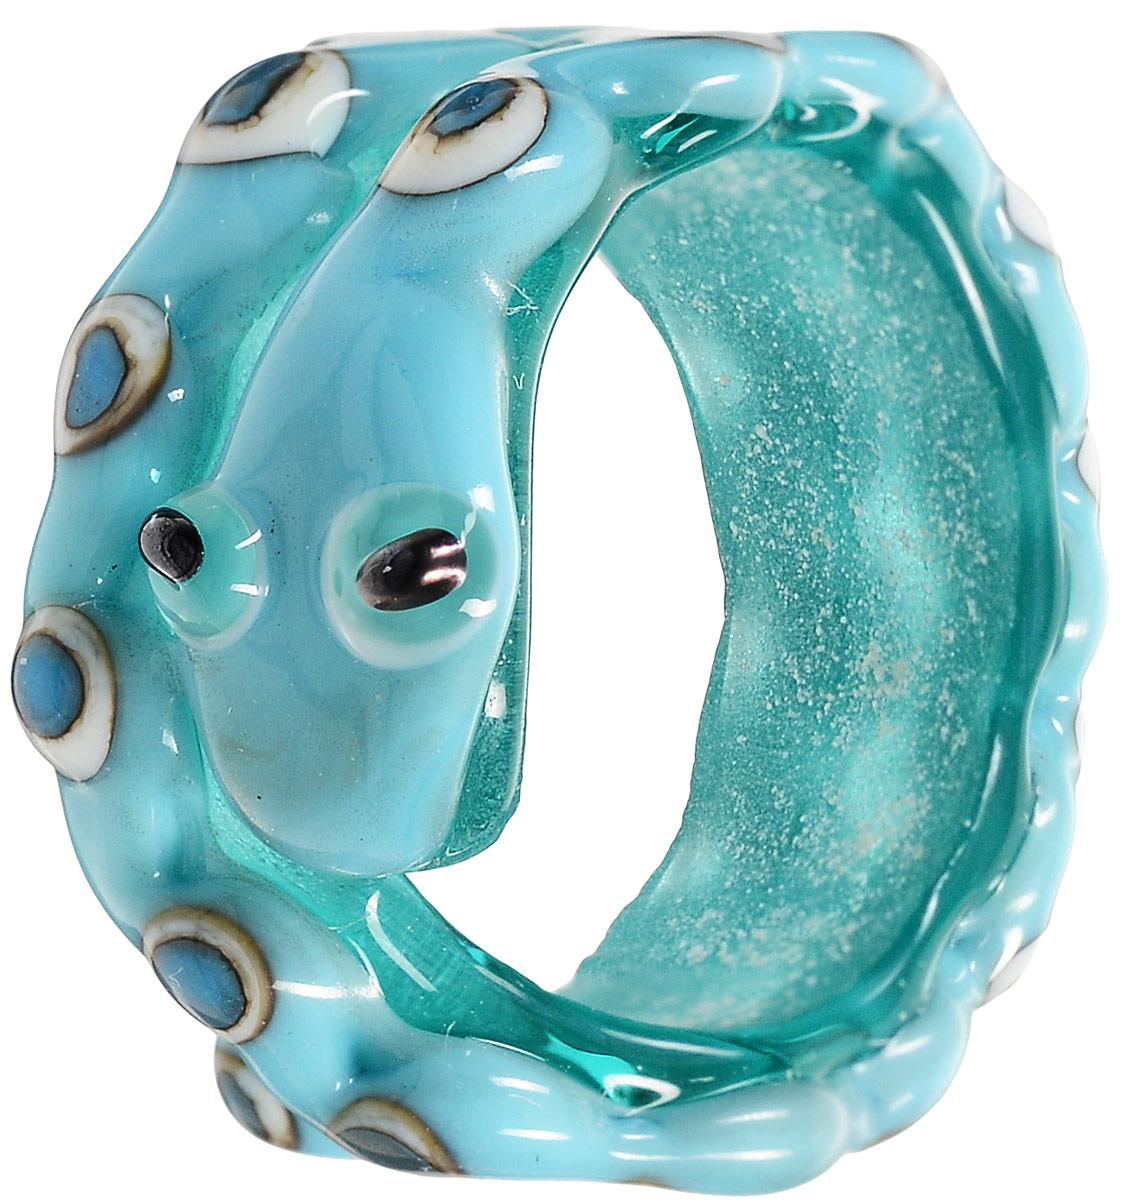 Кольцо Змеюшка, цвет: бирюзовый. (Lampwork) Ручная авторская работаАРТ. RG0007Оригинальное кольцо Змеюшка ручной авторской работы выполнено из стекла бирюзового цвета в виде змейки. Это маленькая, толстенькая и ласковая змейка. Как и все маленькие существа, она очень серьезная и мудро смотрит на свою улыбающуюся хозяйку, прикорнув на ладони. Скоро она проснется, будет снова пулей носиться между чашек, россыпи печенья на столе, прячась за салфеткой. Напившись молока из блюдечка - успокоено дремать, принюхиваясь к сладким запахам пирожков. Пребывание в коробке с украшениями противопоказано - она удирает оттуда, стоит оставить ее лишь на несколько минут. Она спешит к той, которую любит, к той, которая получила ее в черной коробочке с мягкой подложкой, к своей хозяйке, которая балует ее вниманием и согревает в руках, успокаивая и защищая. Каждое украшение выполнено вручную и потому уникально. Ваше украшение может несколько отличаться в деталях от представленного на фотографии. Общий вид украшения сохраняется.